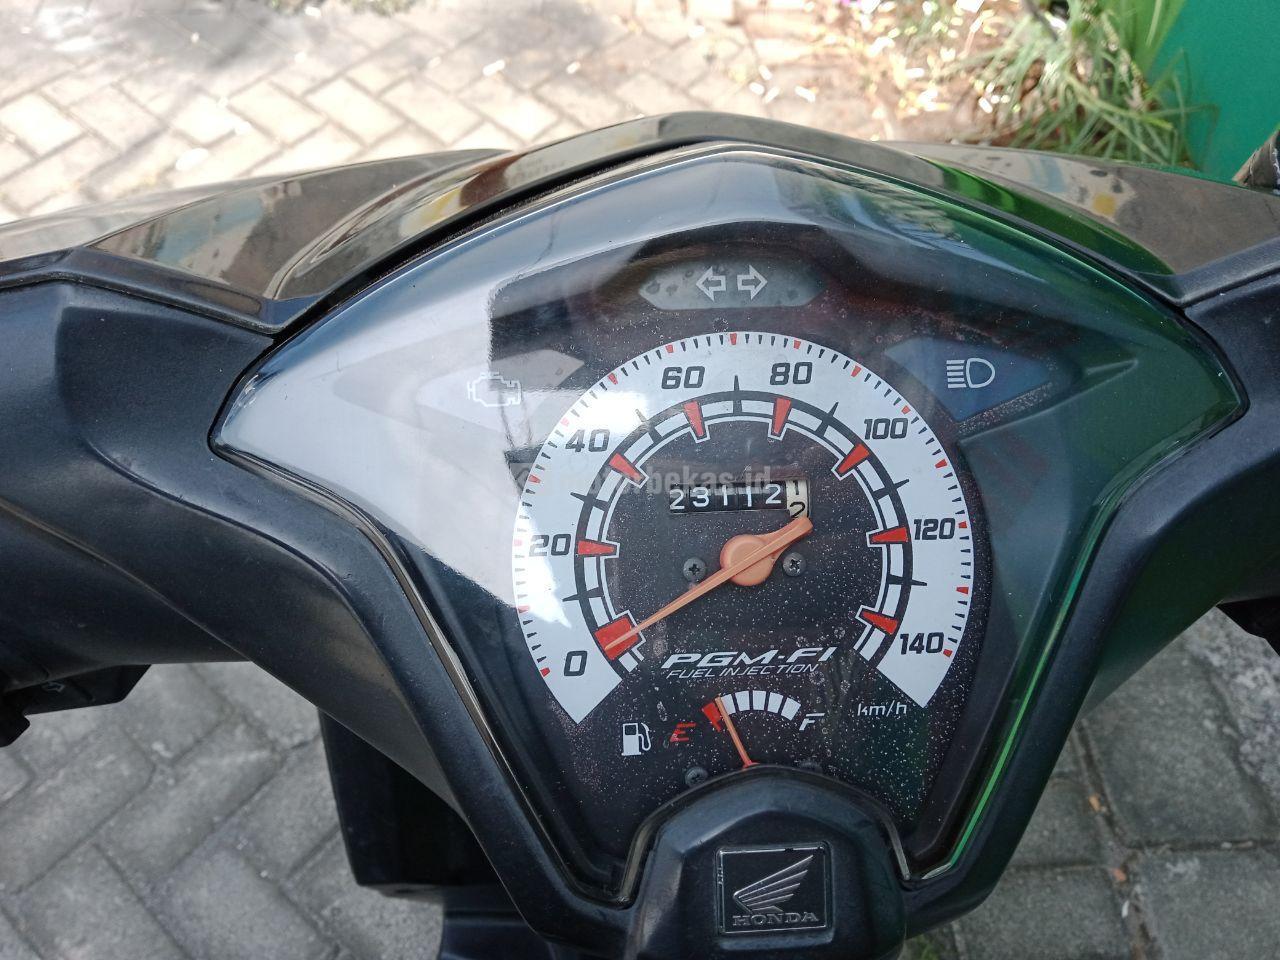 HONDA BEAT FI 3061 motorbekas.id